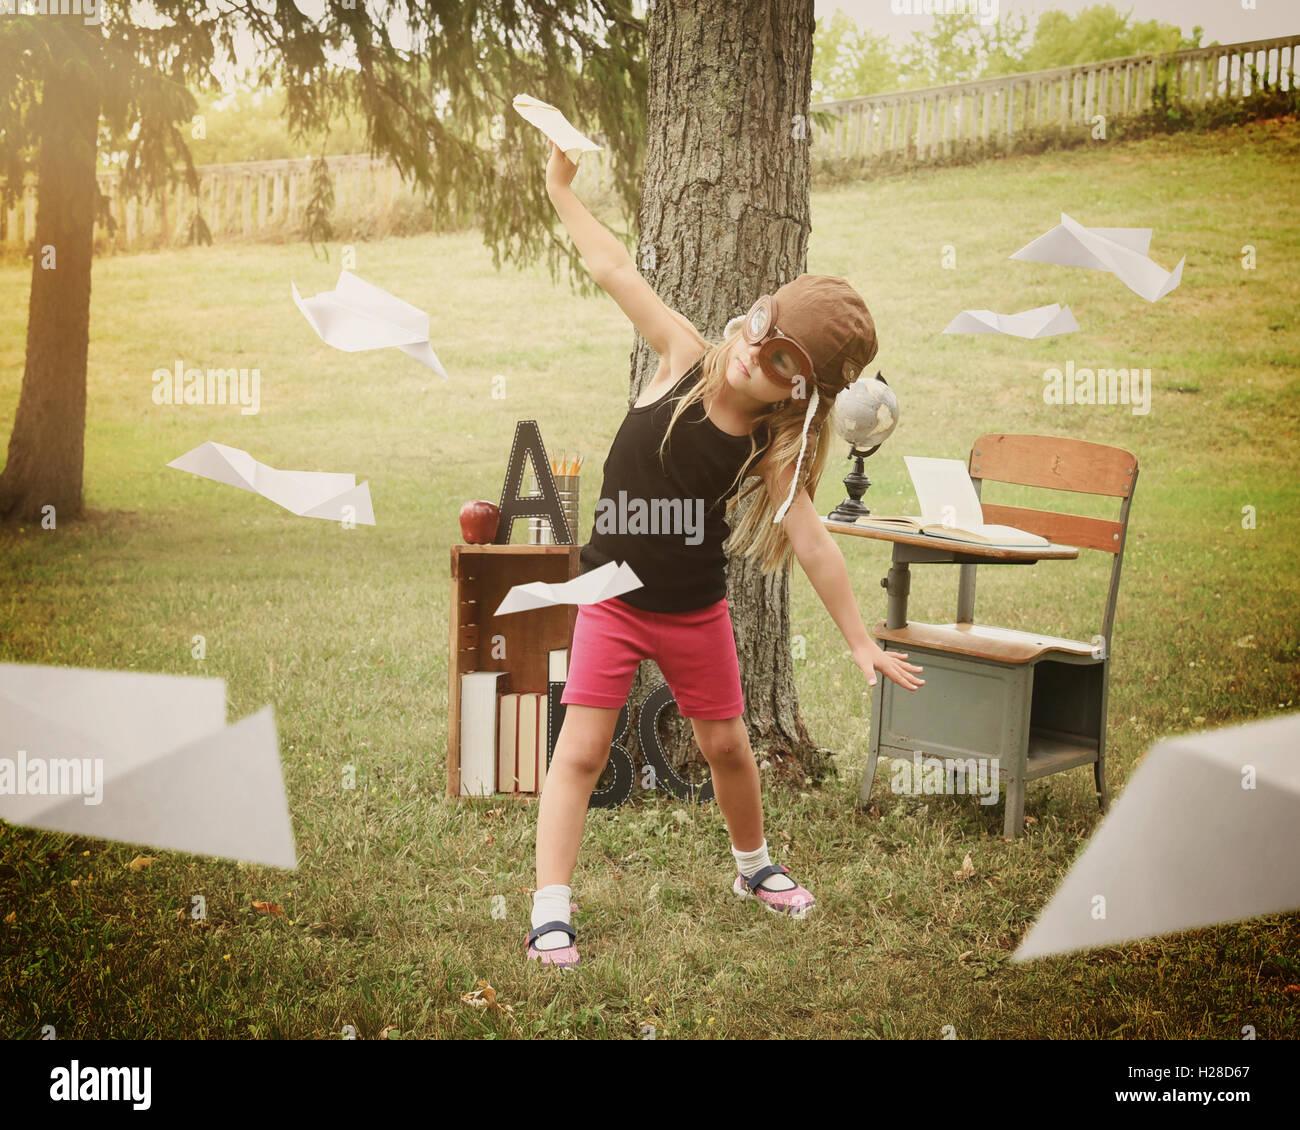 Un niño pequeño está fingiendo ser un piloto de aviones de papel en un aula fuera para una educación o concepto creativo. Foto de stock